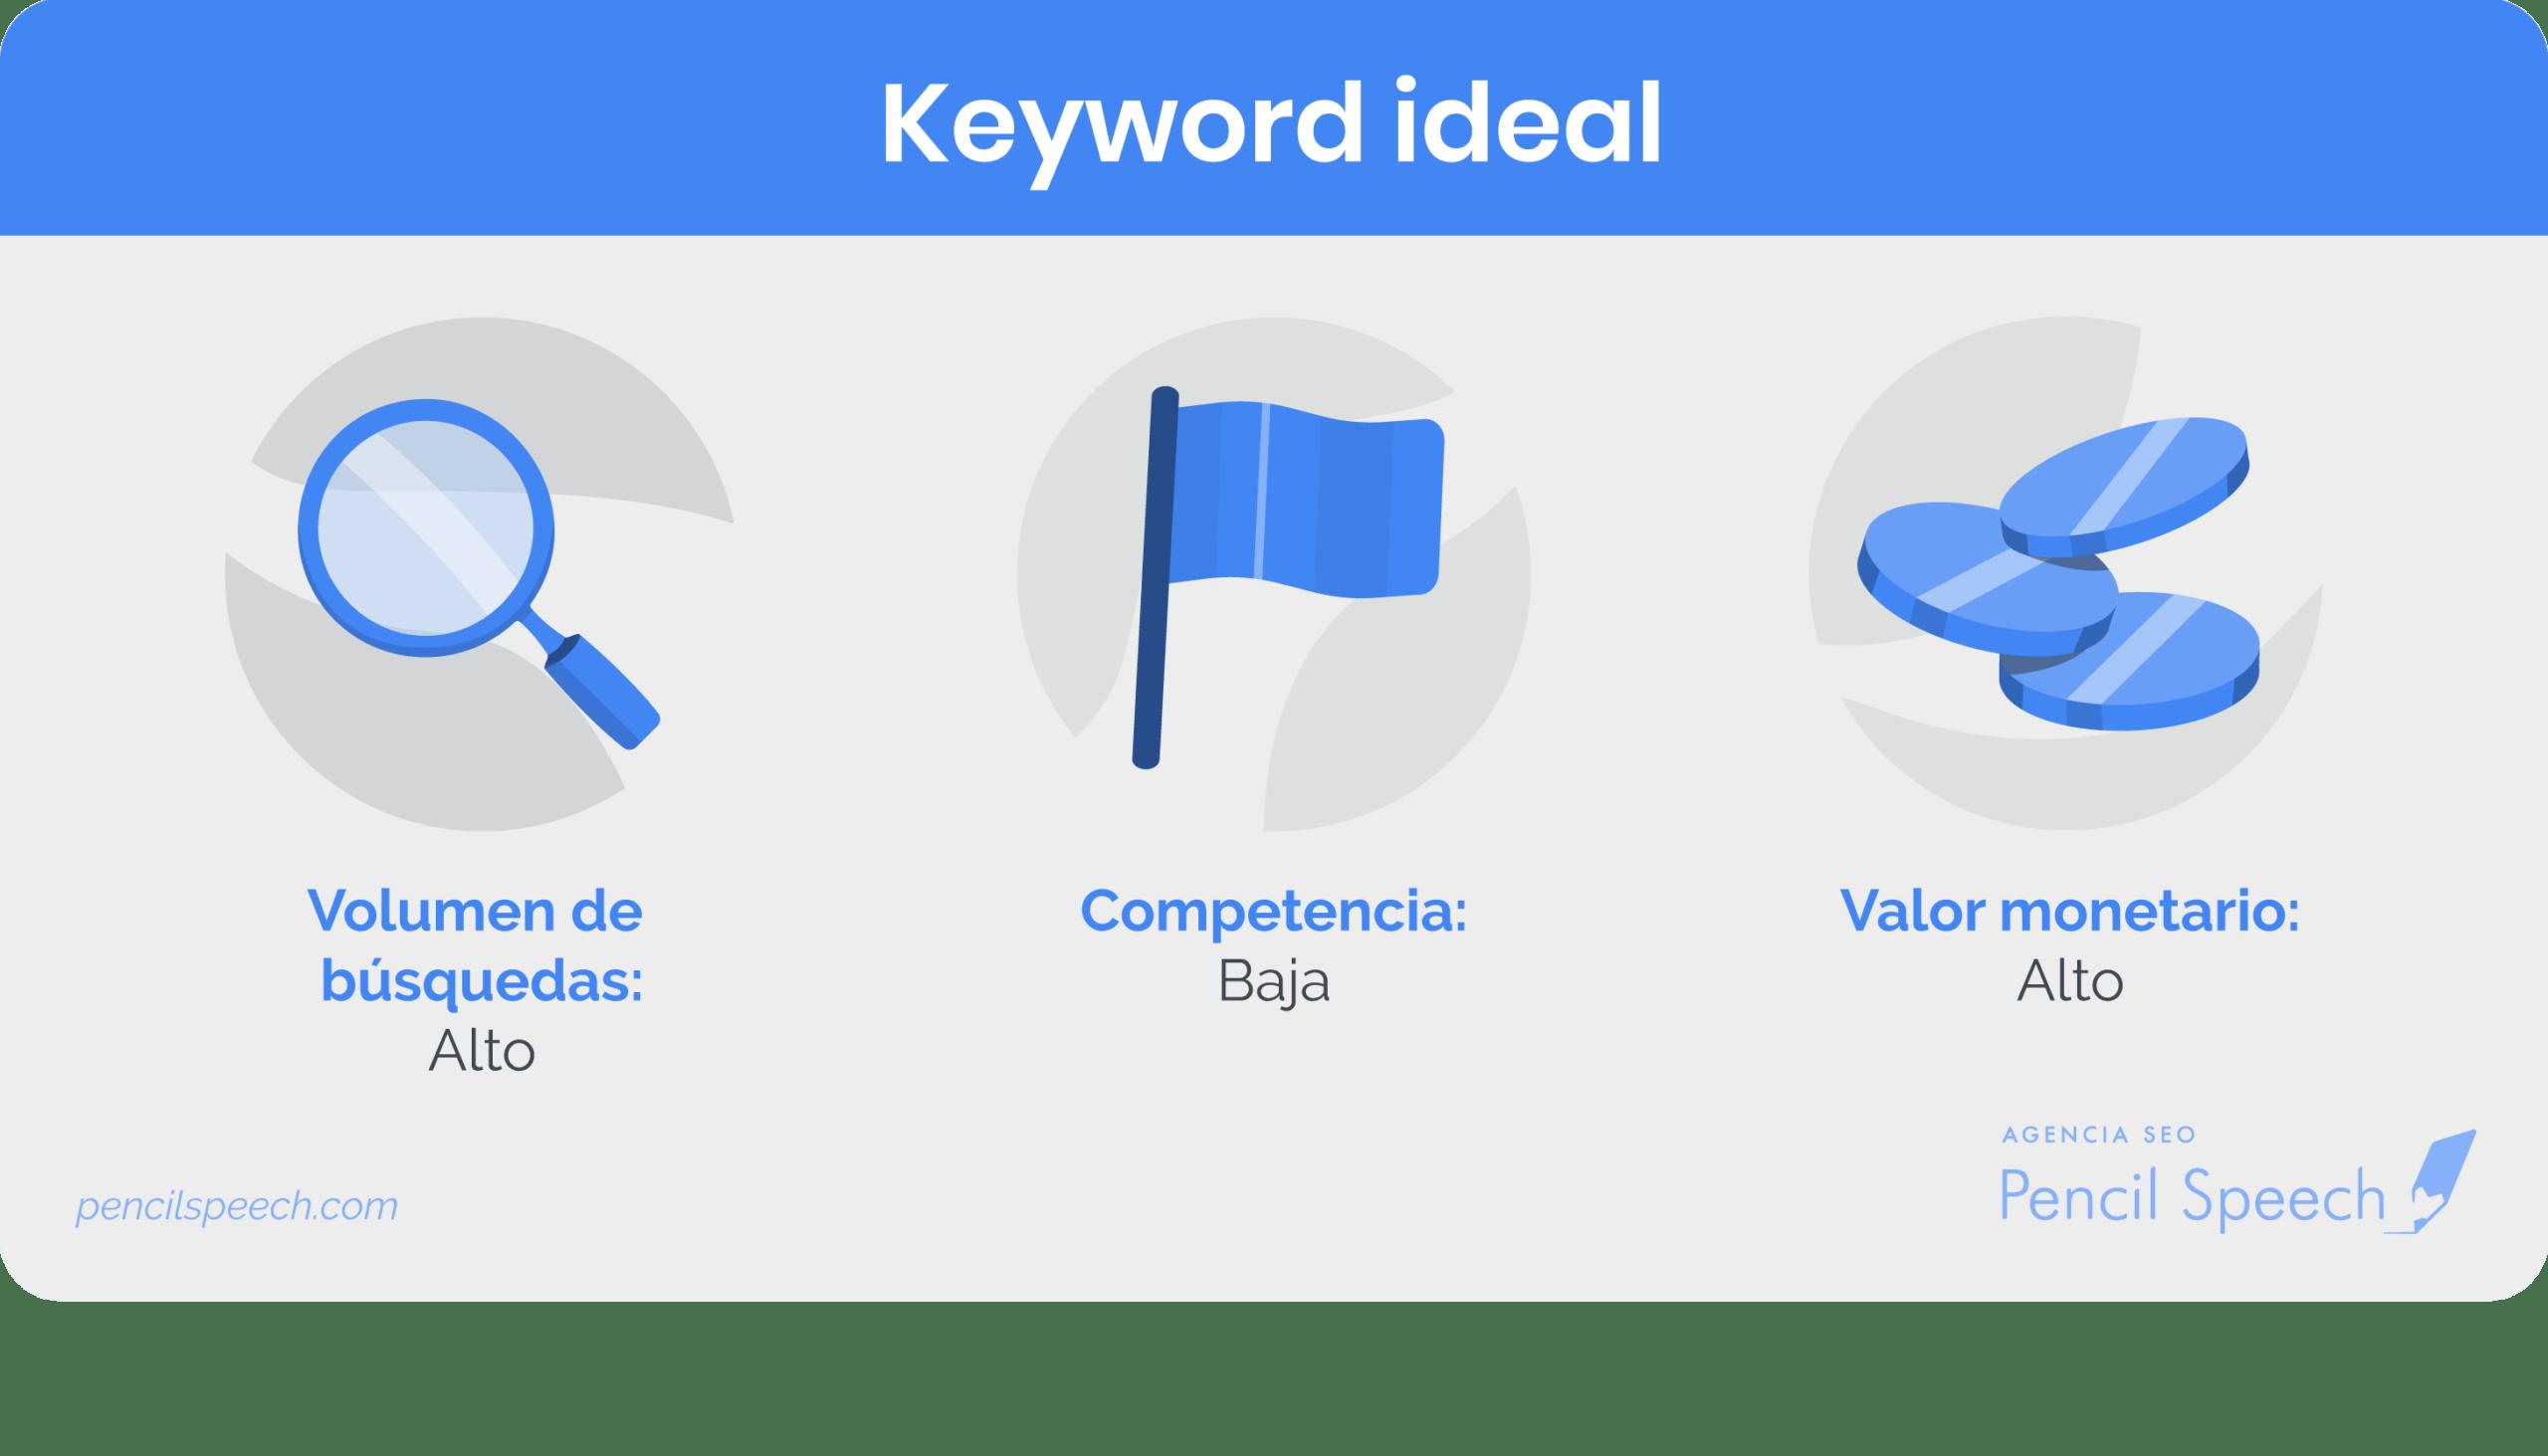 ¿Cómo escoger la keyword ideal?